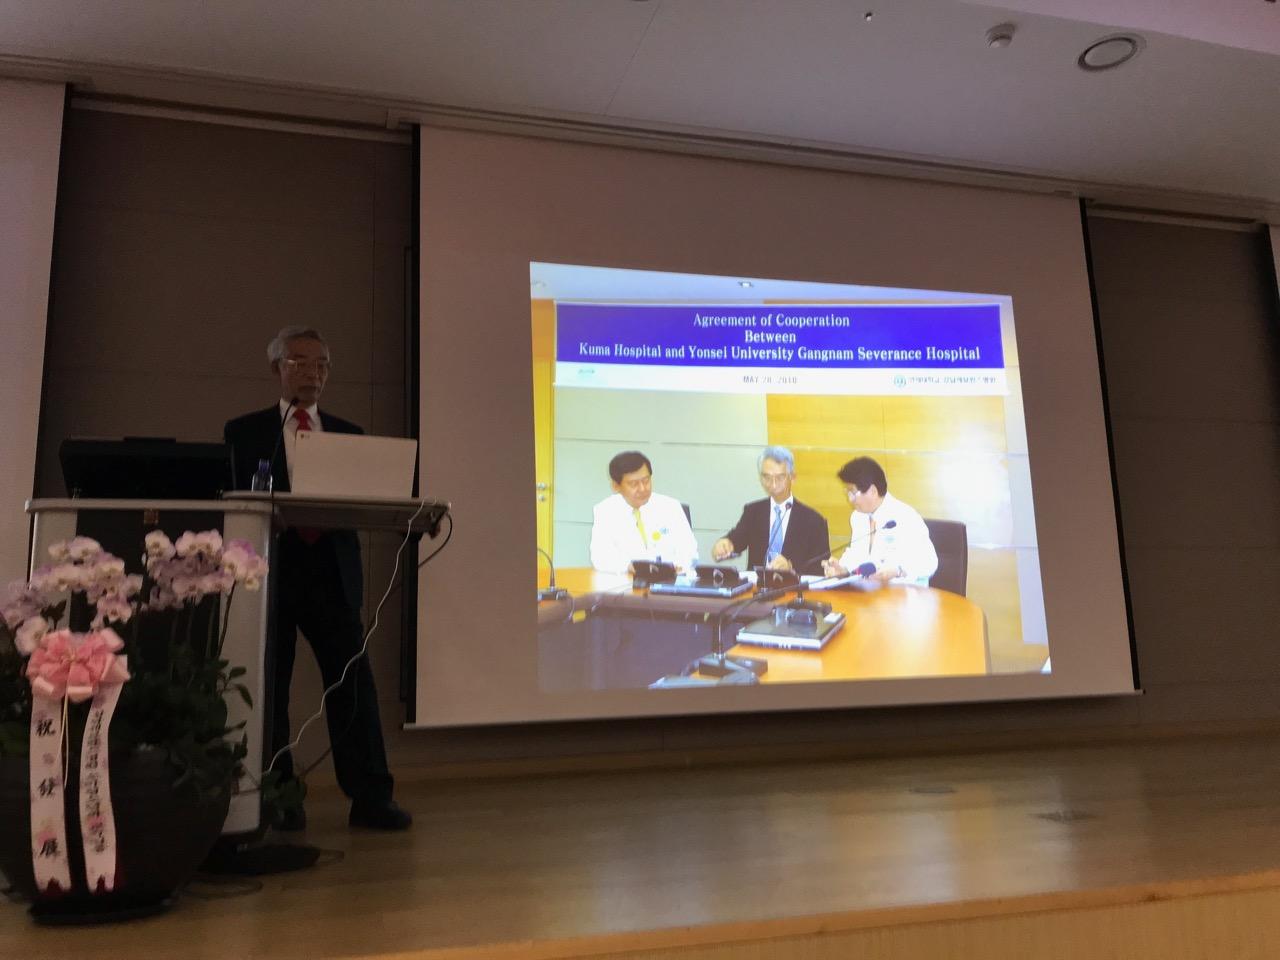 講演する宮内院長。スライドの中の右が当時のセンター長Park教授。